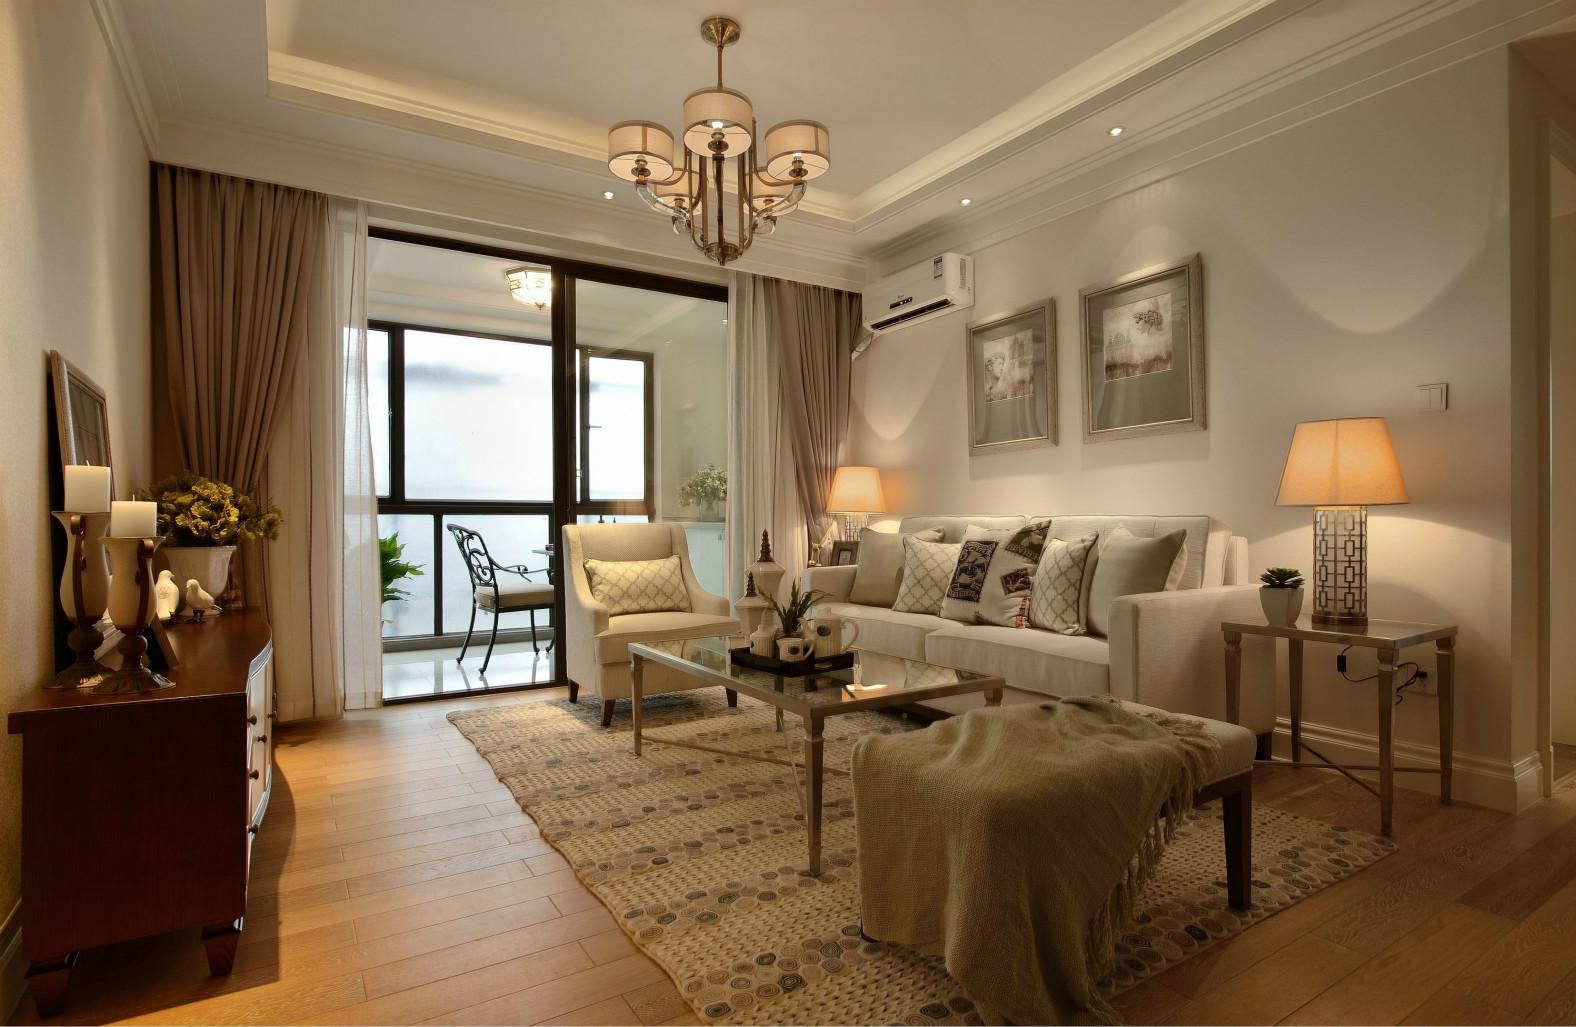 装饰画和落地灯给整体简洁素净的客厅加入活泼热情的氛围